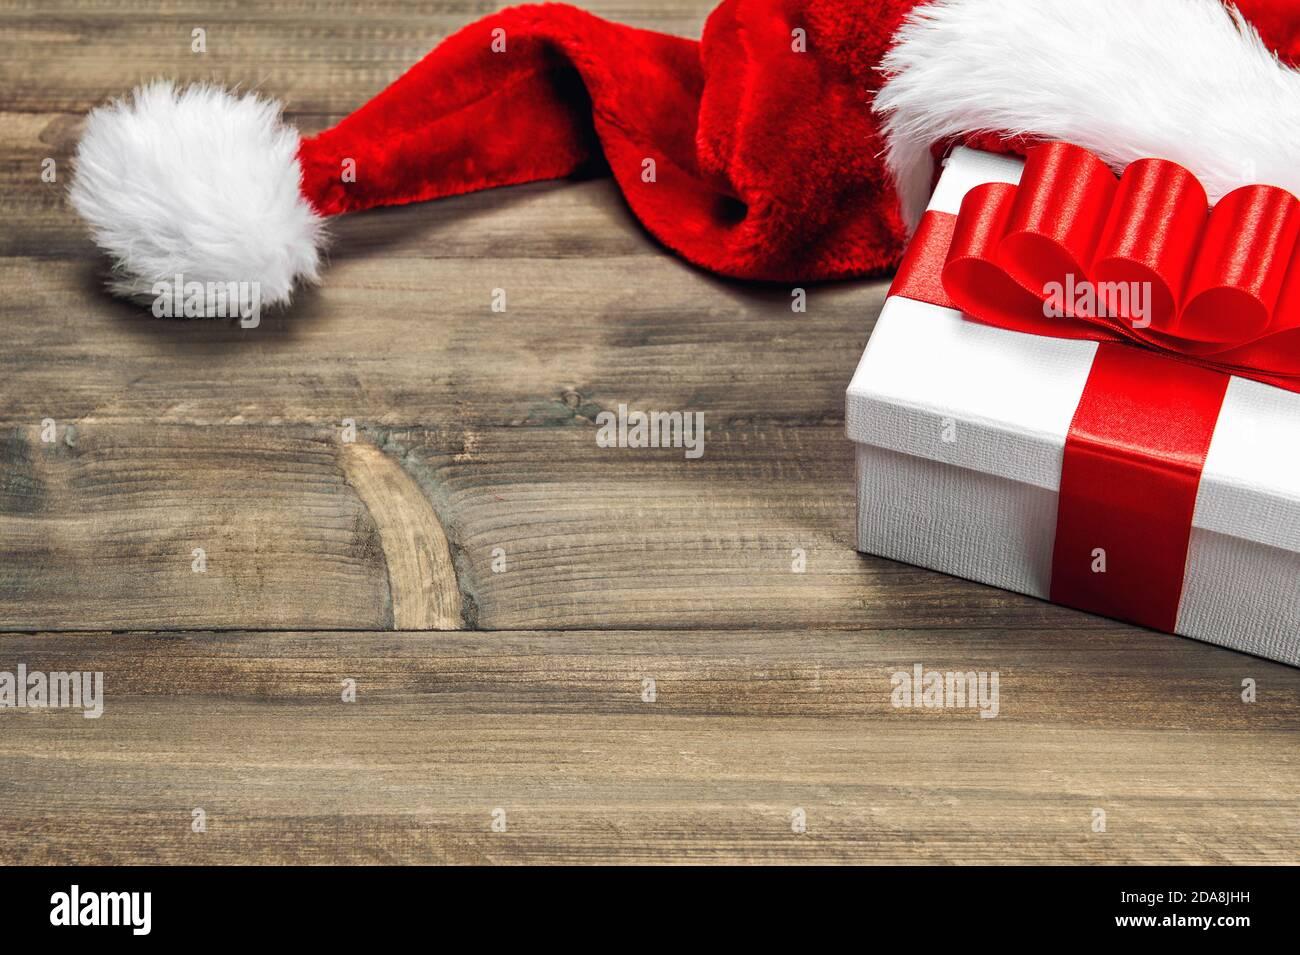 Weihnachtsdekorationund Geschenkbox mit roter Schleife auf Holz Hintergrund Stockfoto